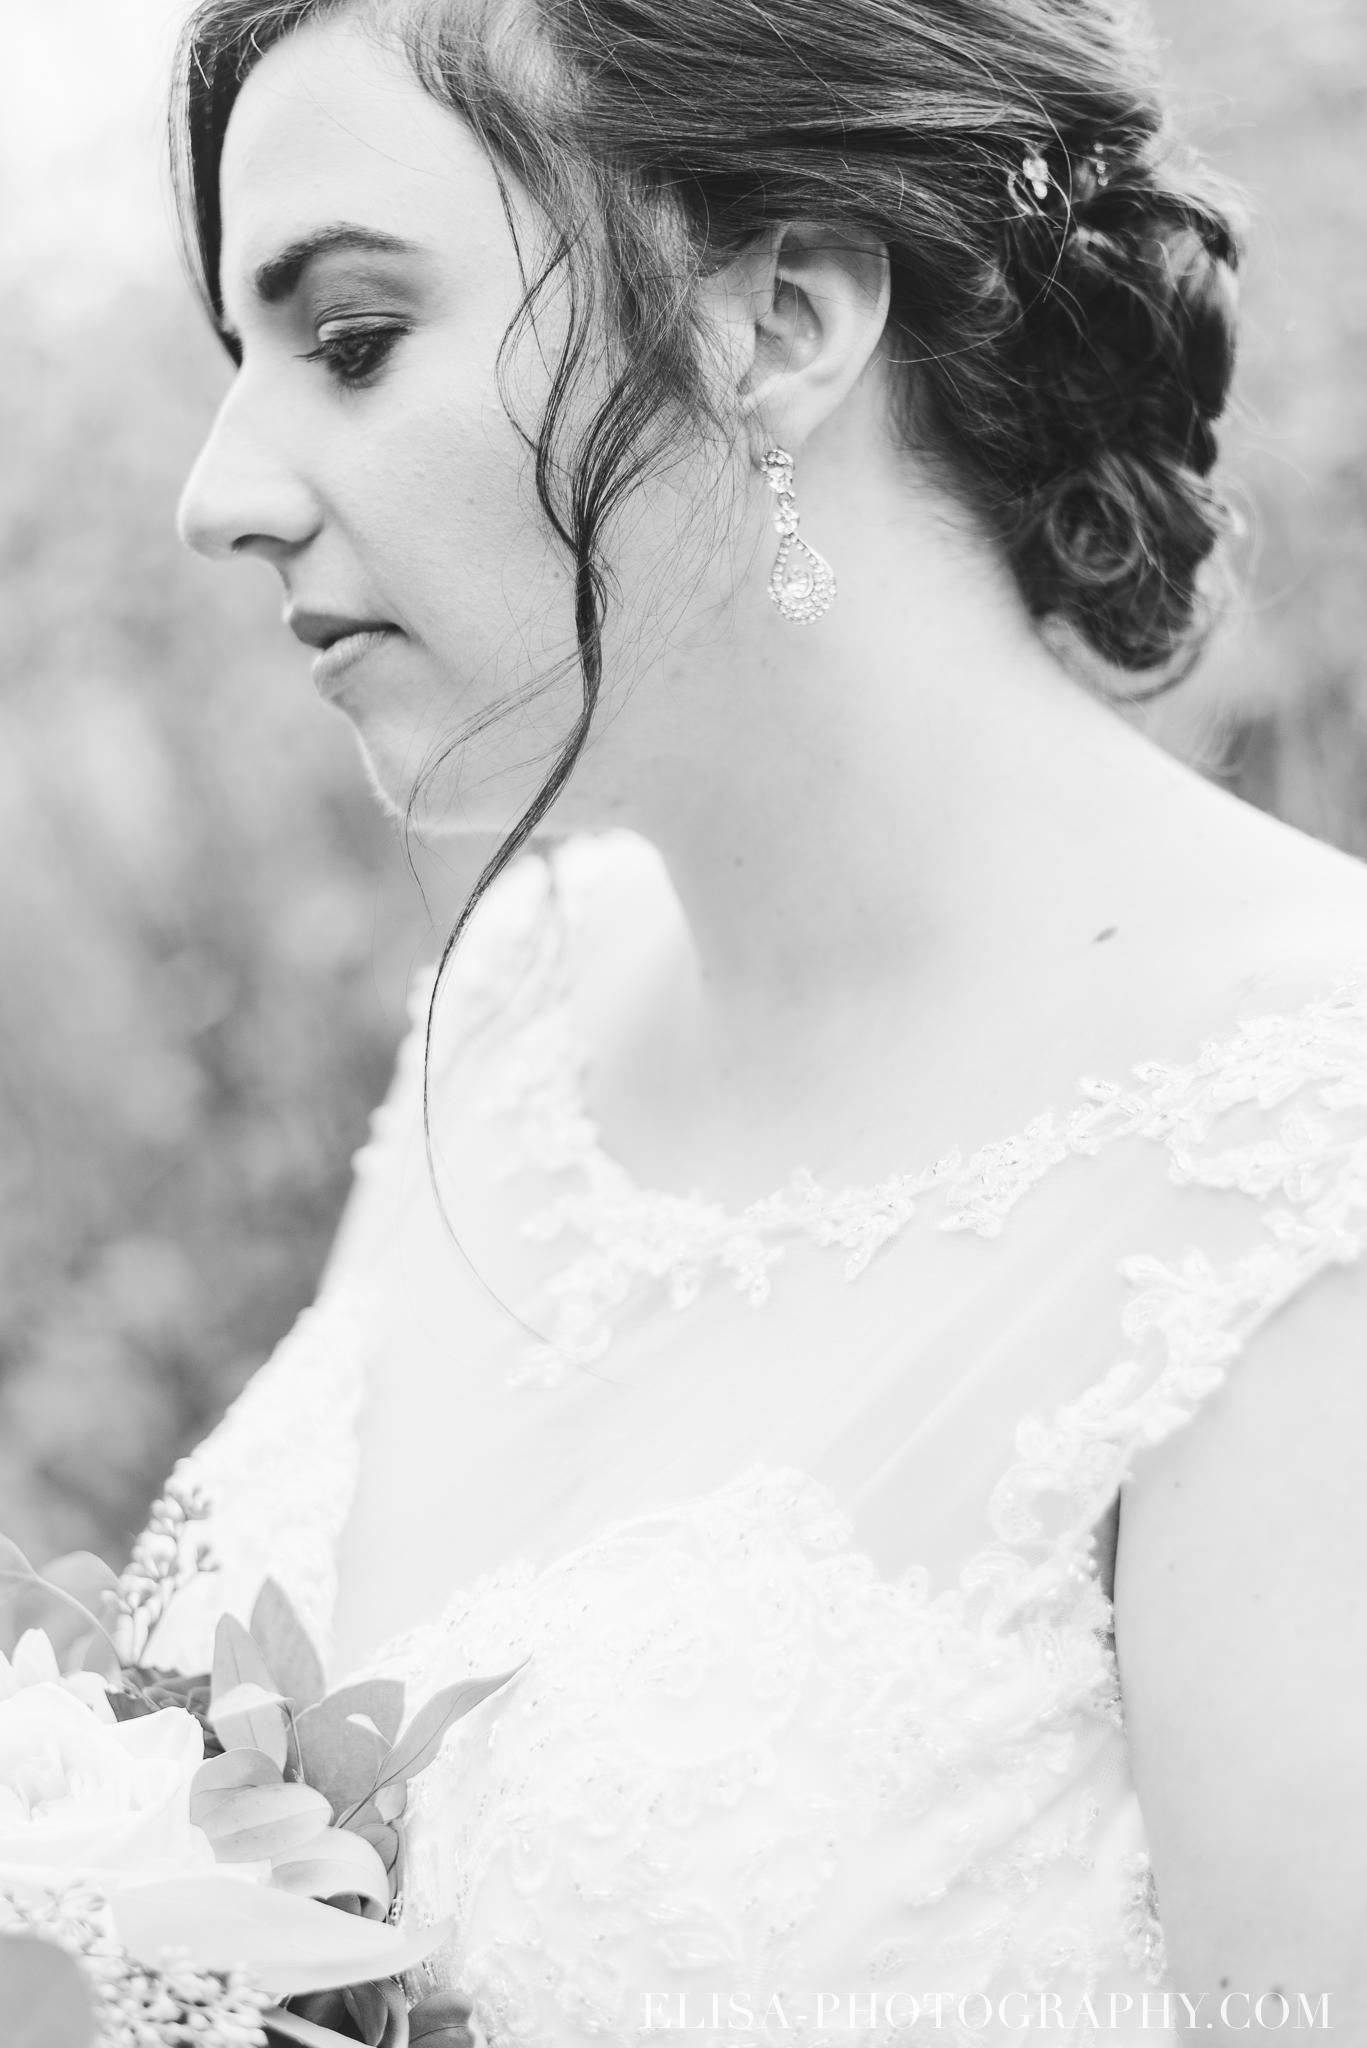 photo mariage automne domaine maizeret quebec naturel lumineuse romantique noir et blanc 5701 - Mariage à saveur automnale à l'Espace Saint-Grégoire